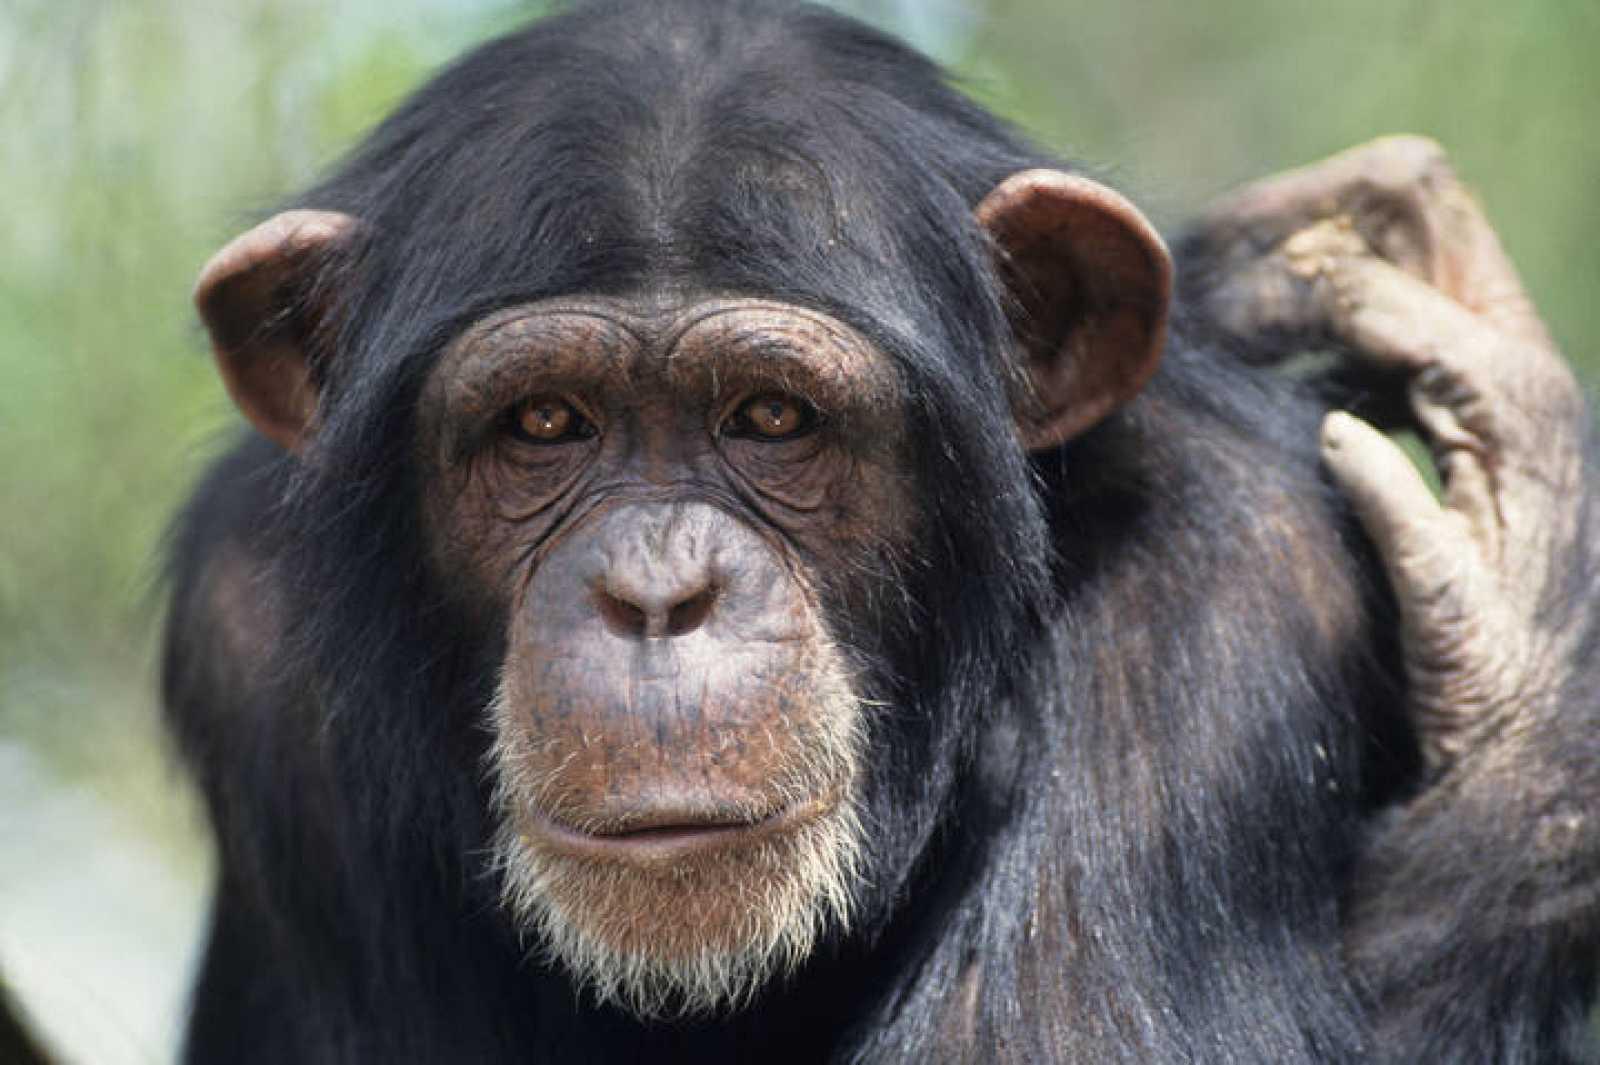 El cautiverio provoca problemas mentales en los chimpancés